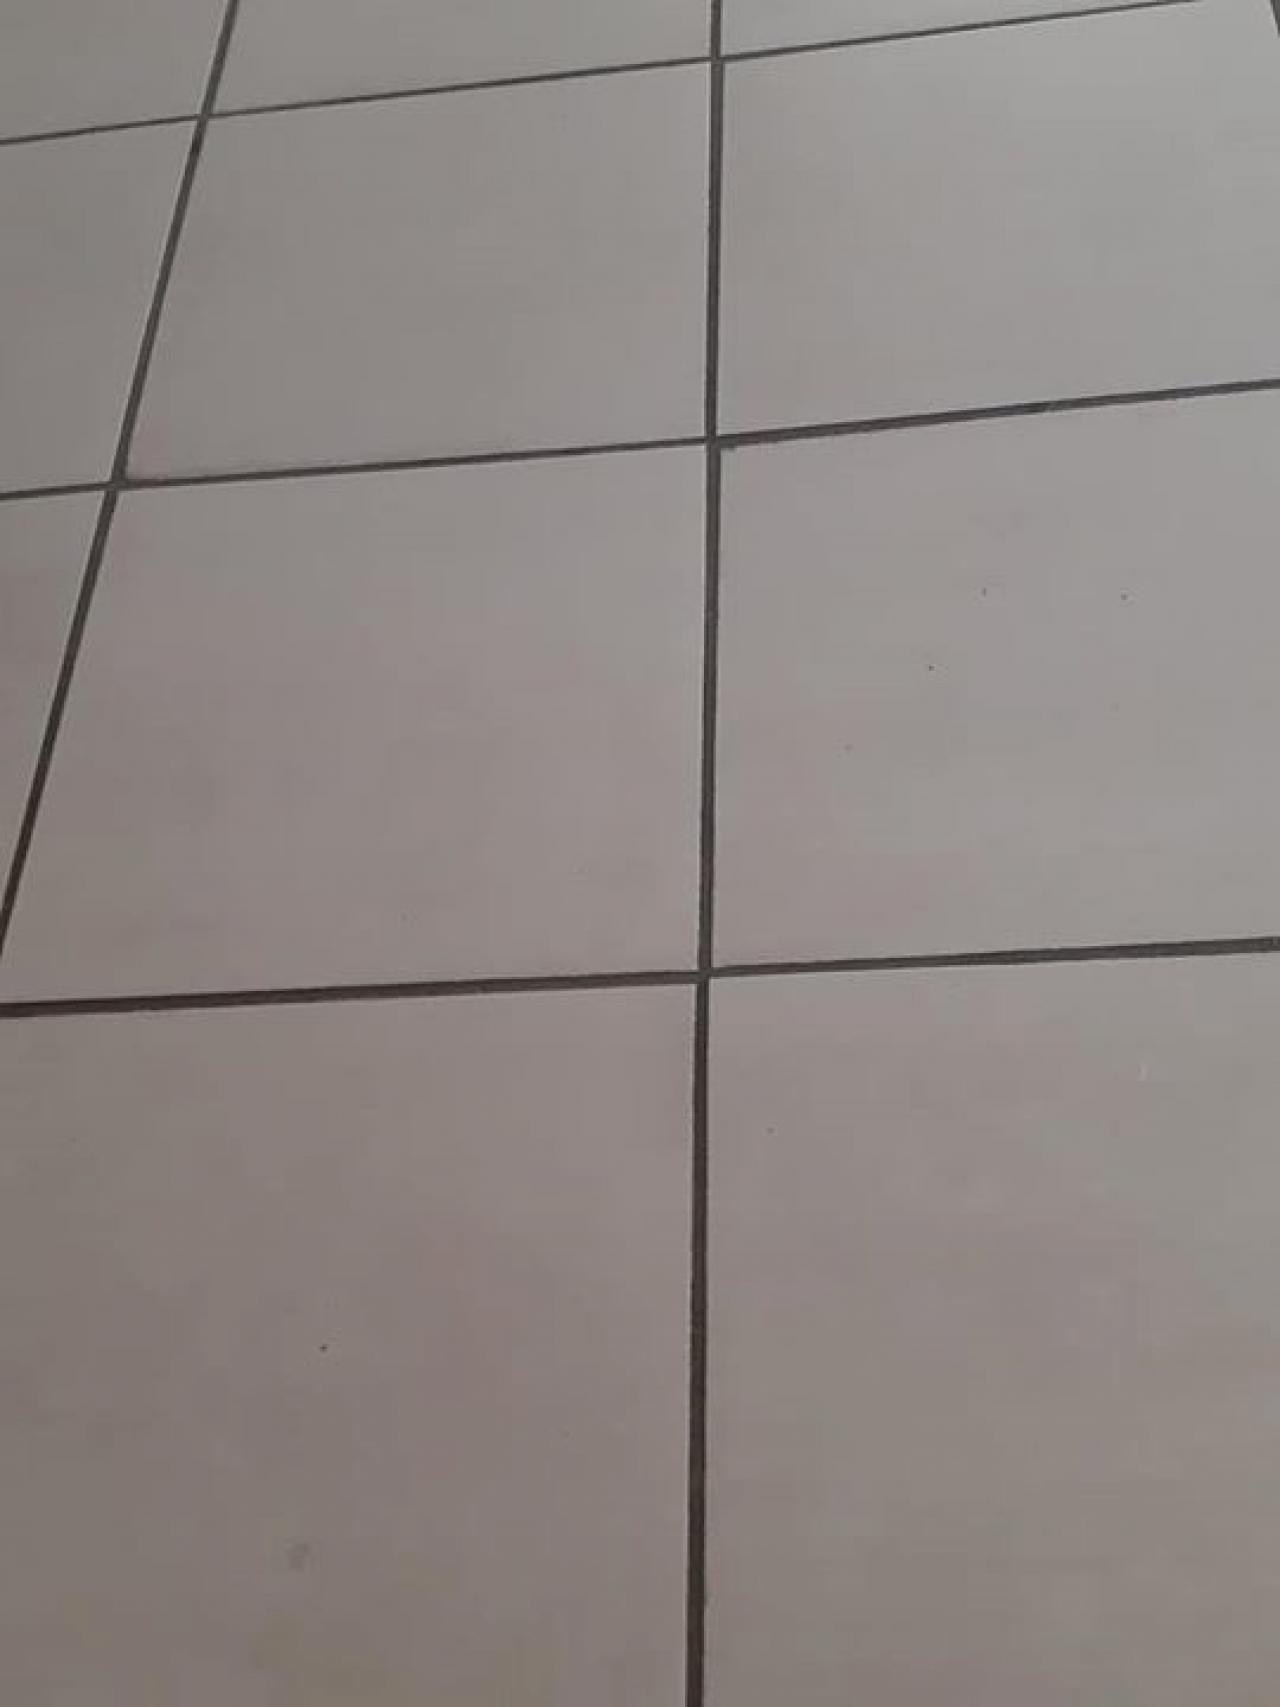 Posa Piastrelle 30X60 A Correre larghezza delle fughe non regolare: causato da piastrelle o